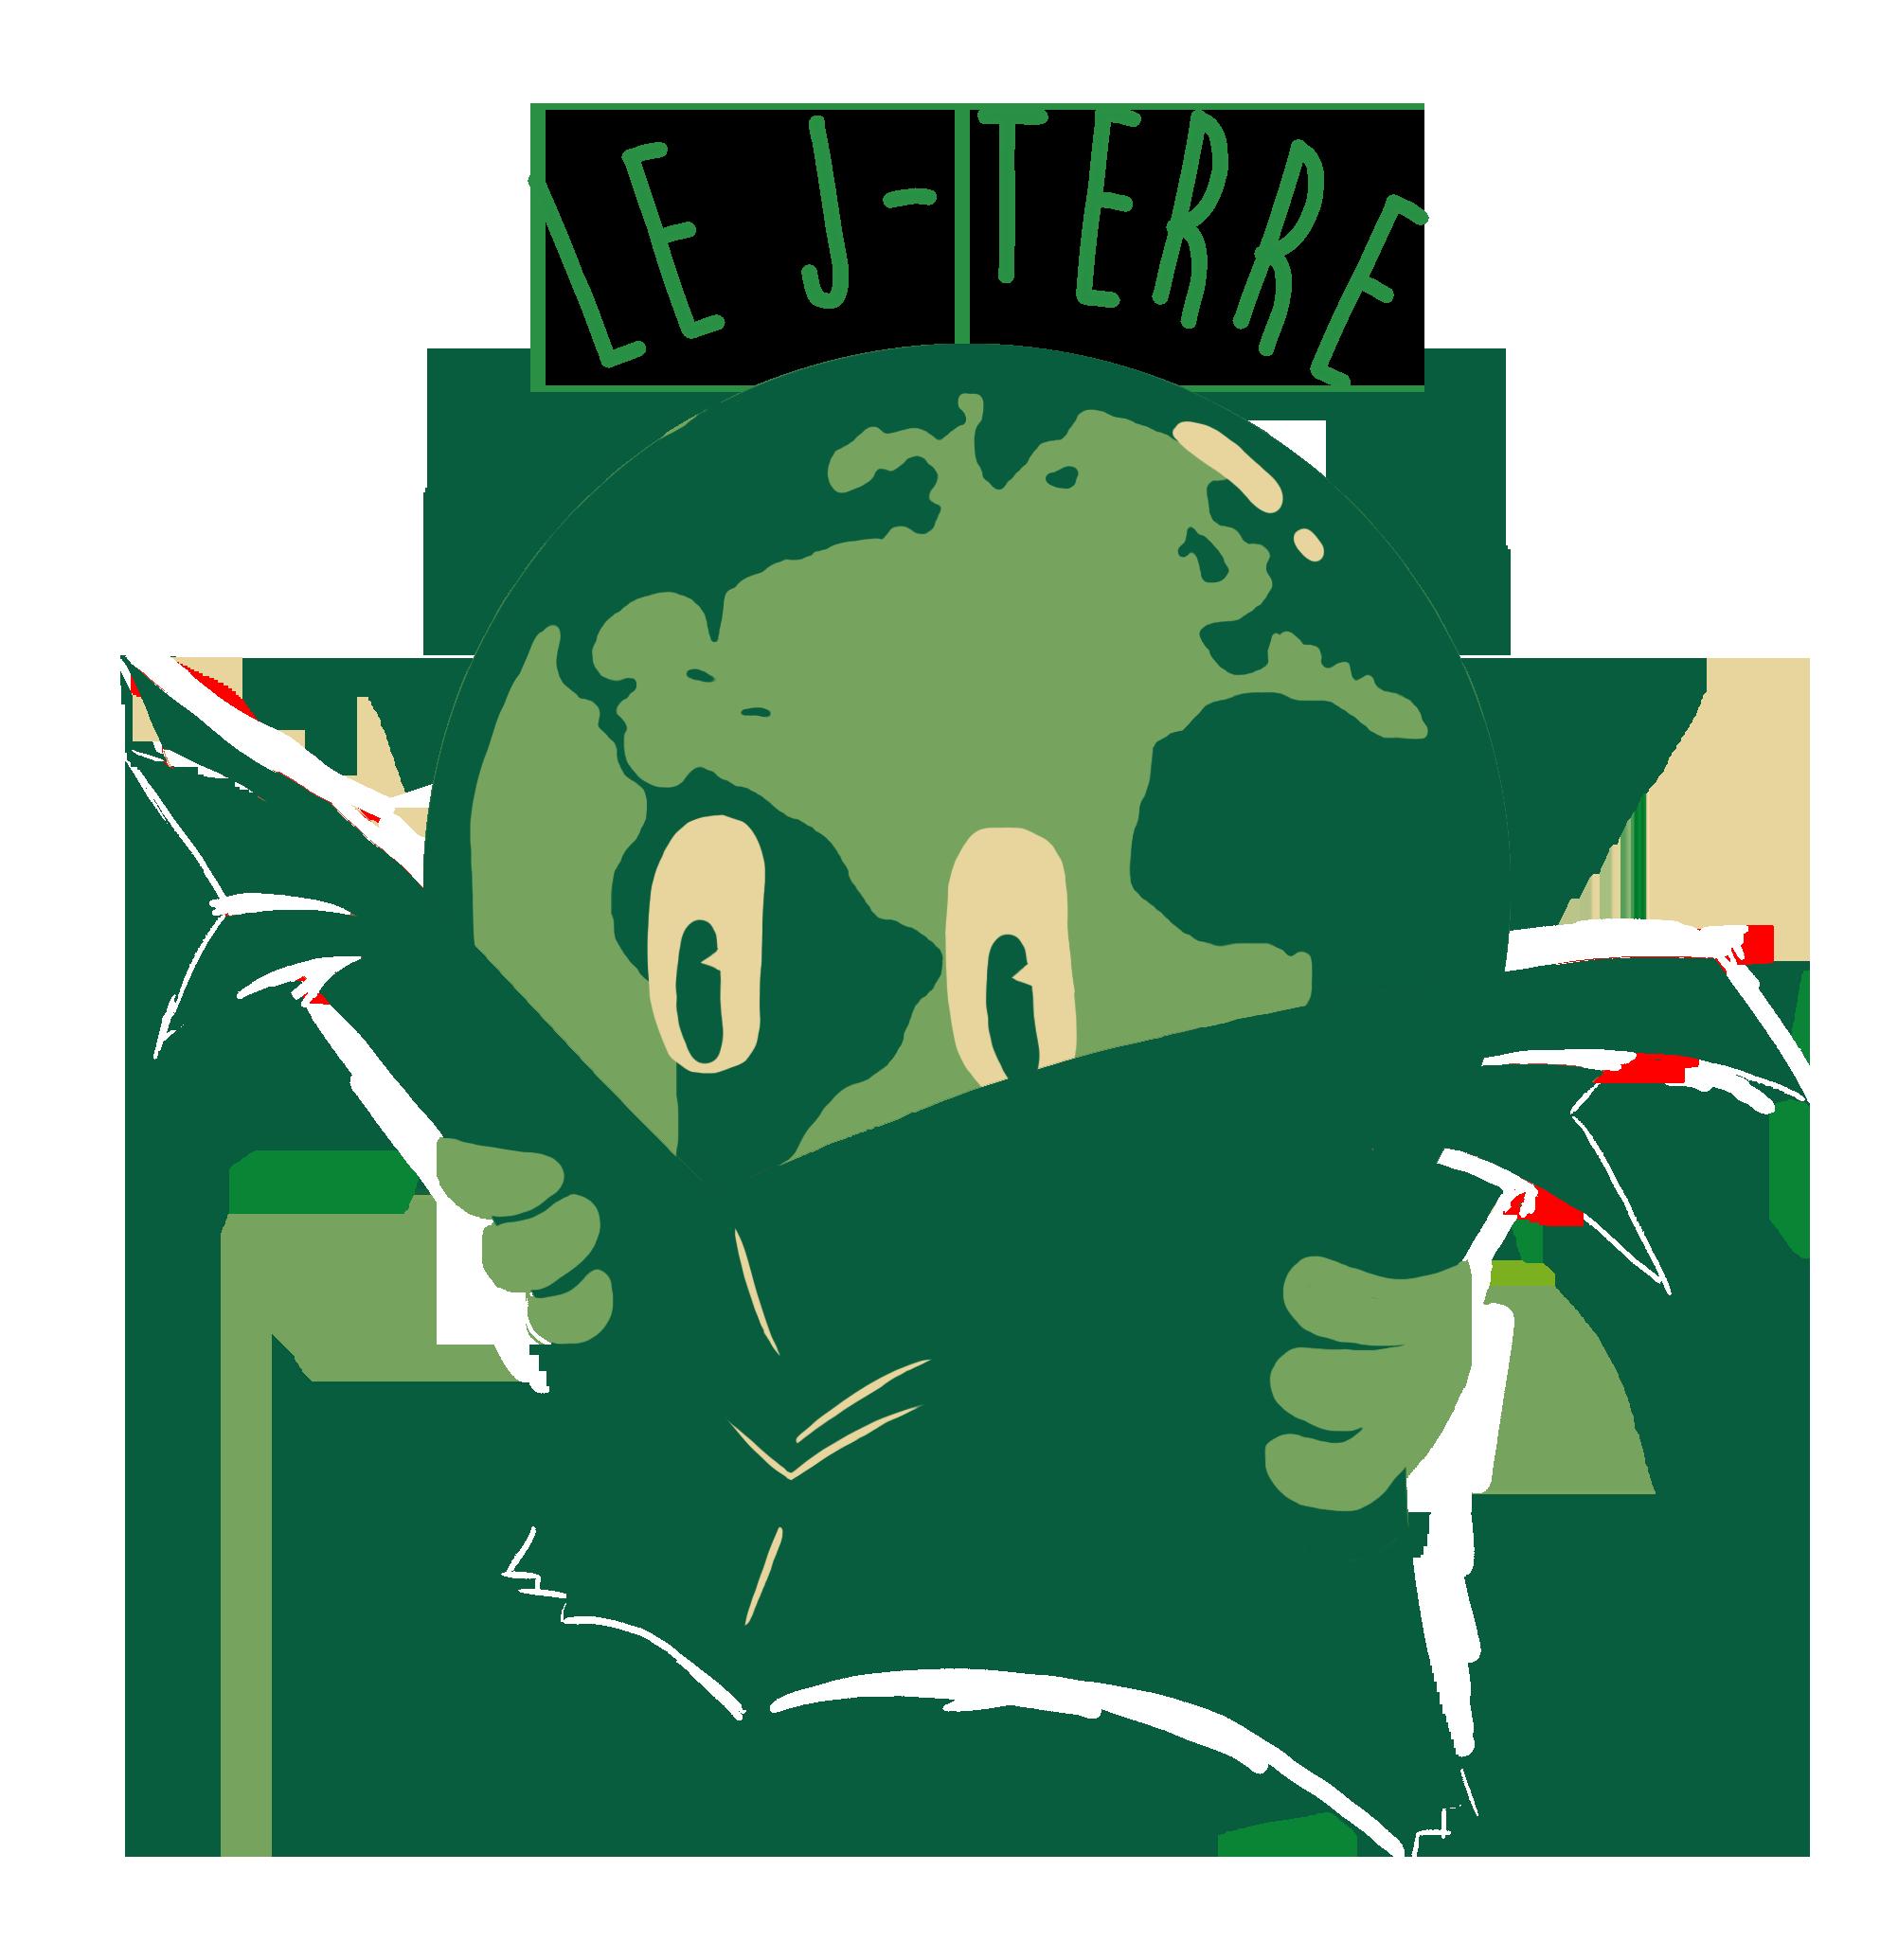 J-Terre